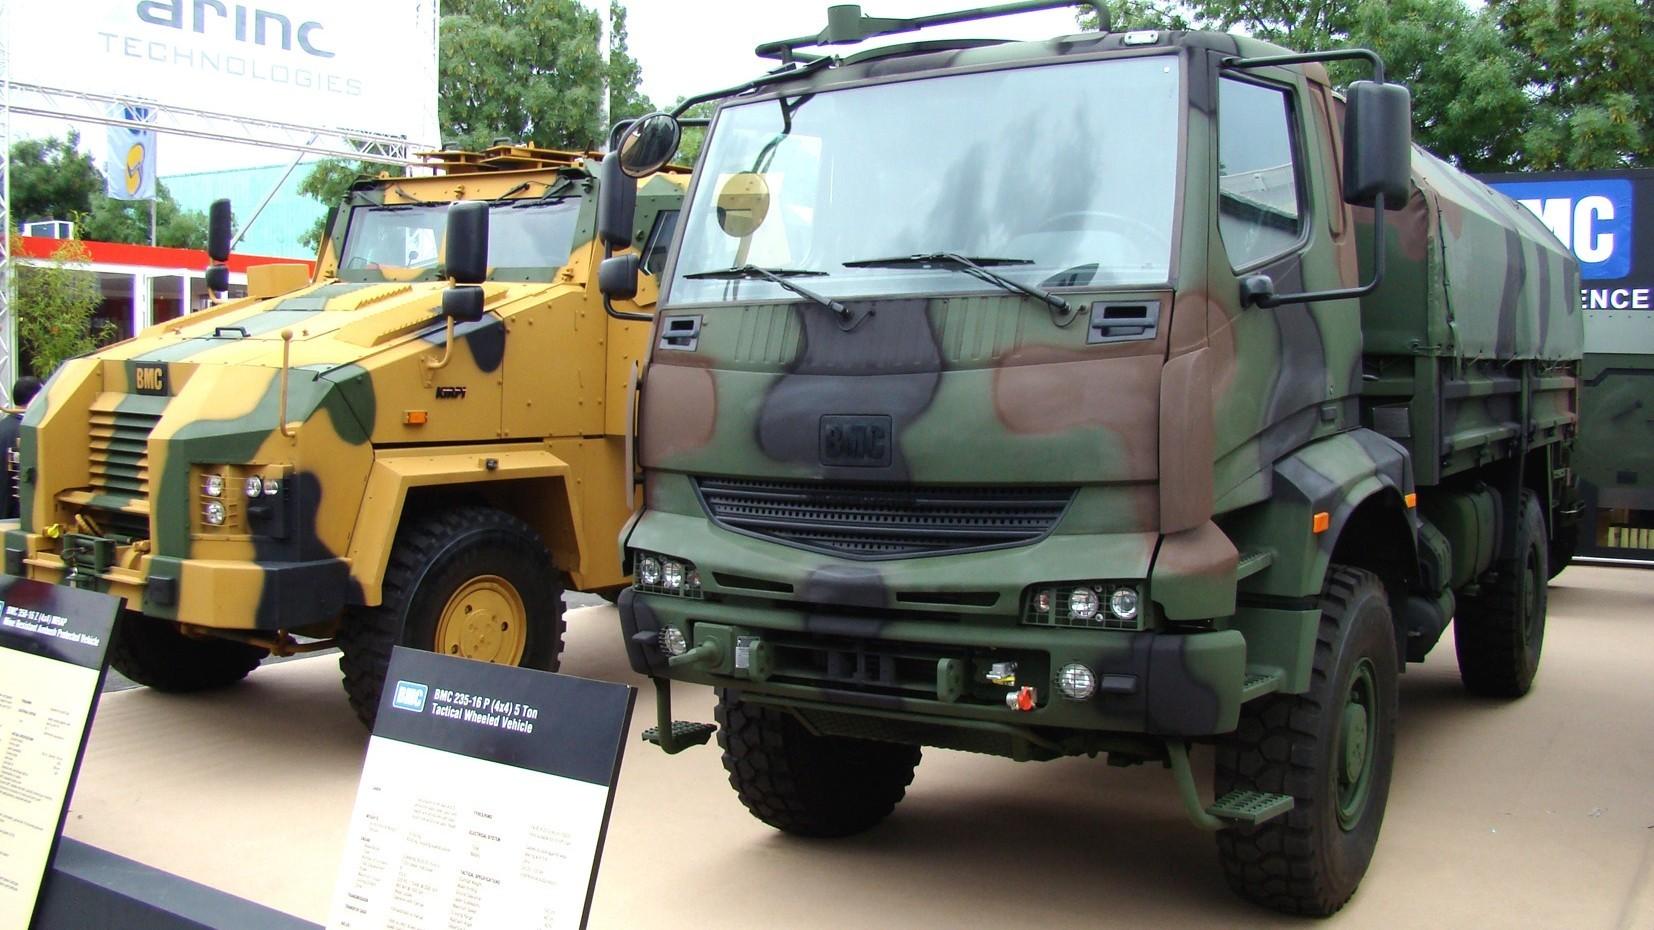 Грузовой автомобиль BMC 235-16P, на заднем плане — броневик Kirpi